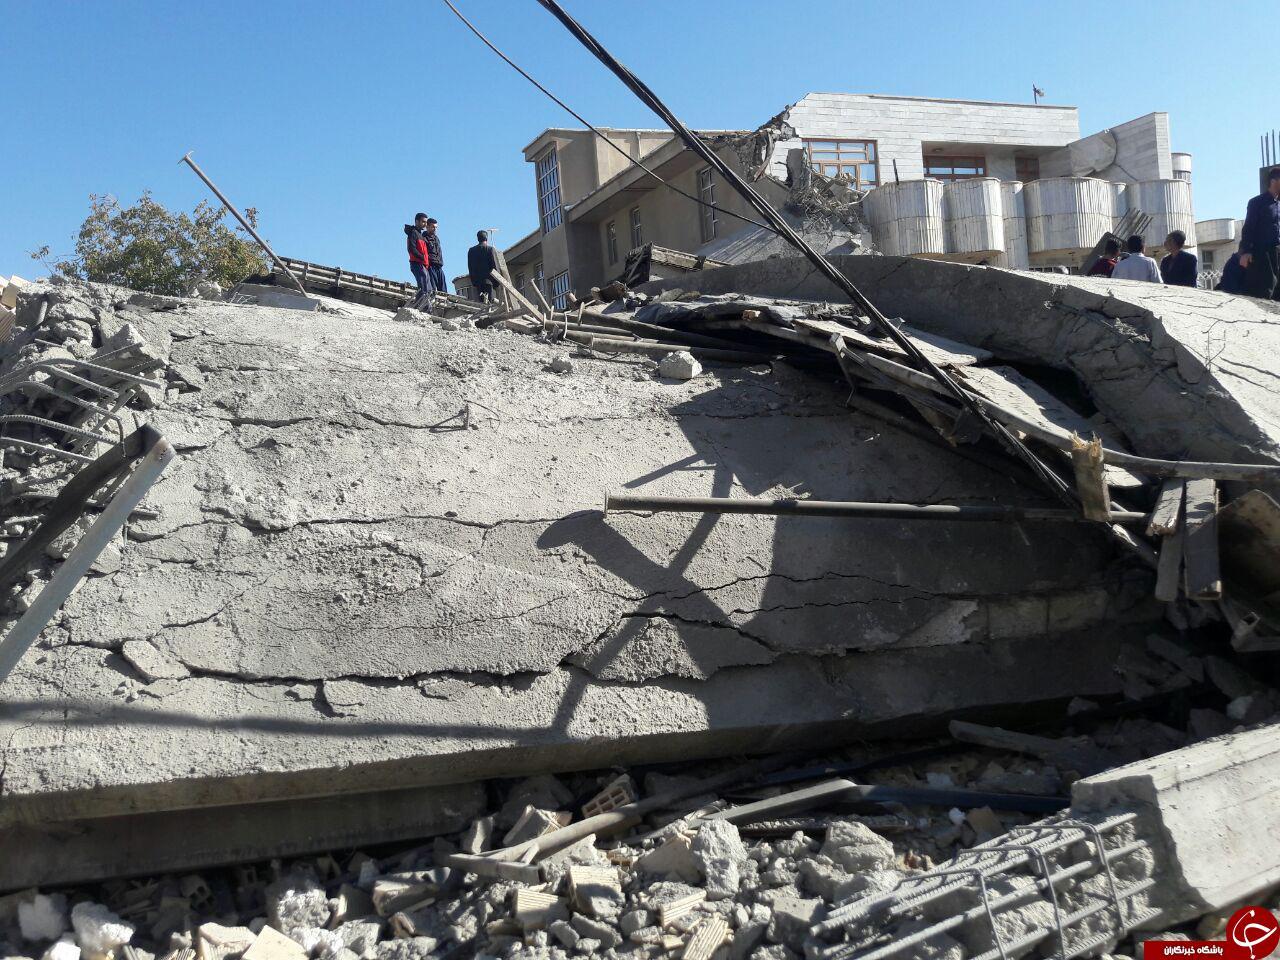 خرابیهای ناشی از زلزله در اسلامآباد غرب + فیلم و تصاویر